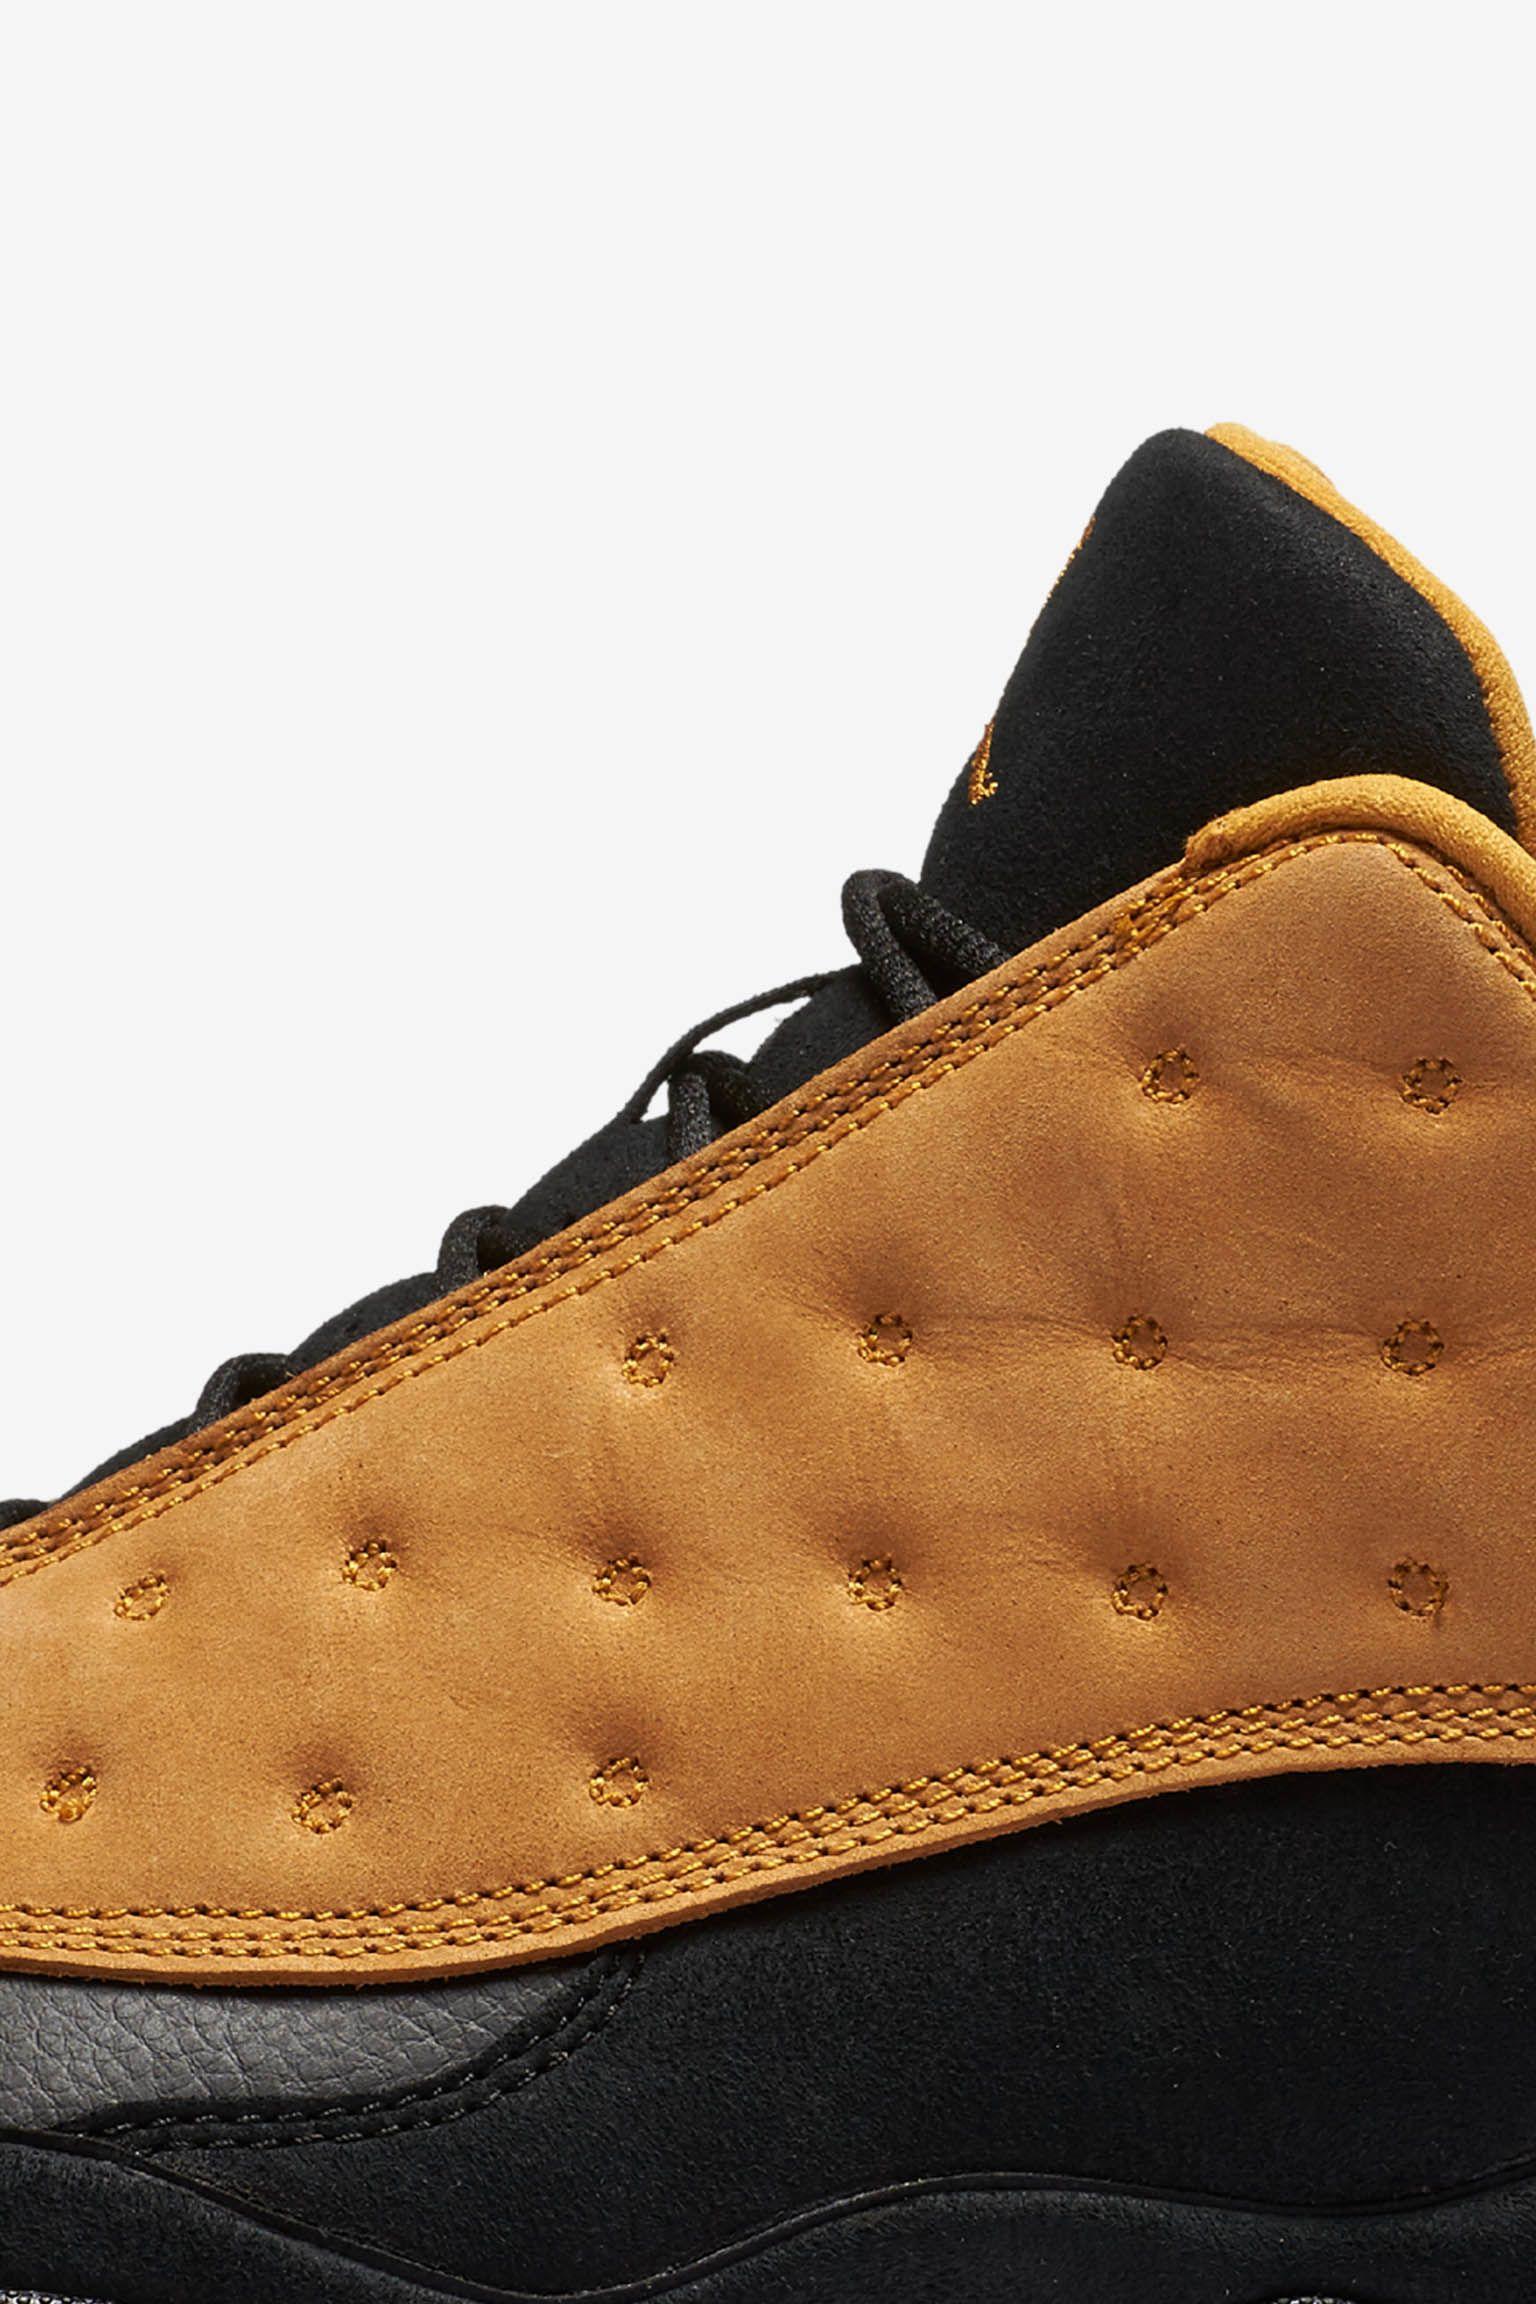 Air Jordan 13 Retro Low 'Chutney' Release Date